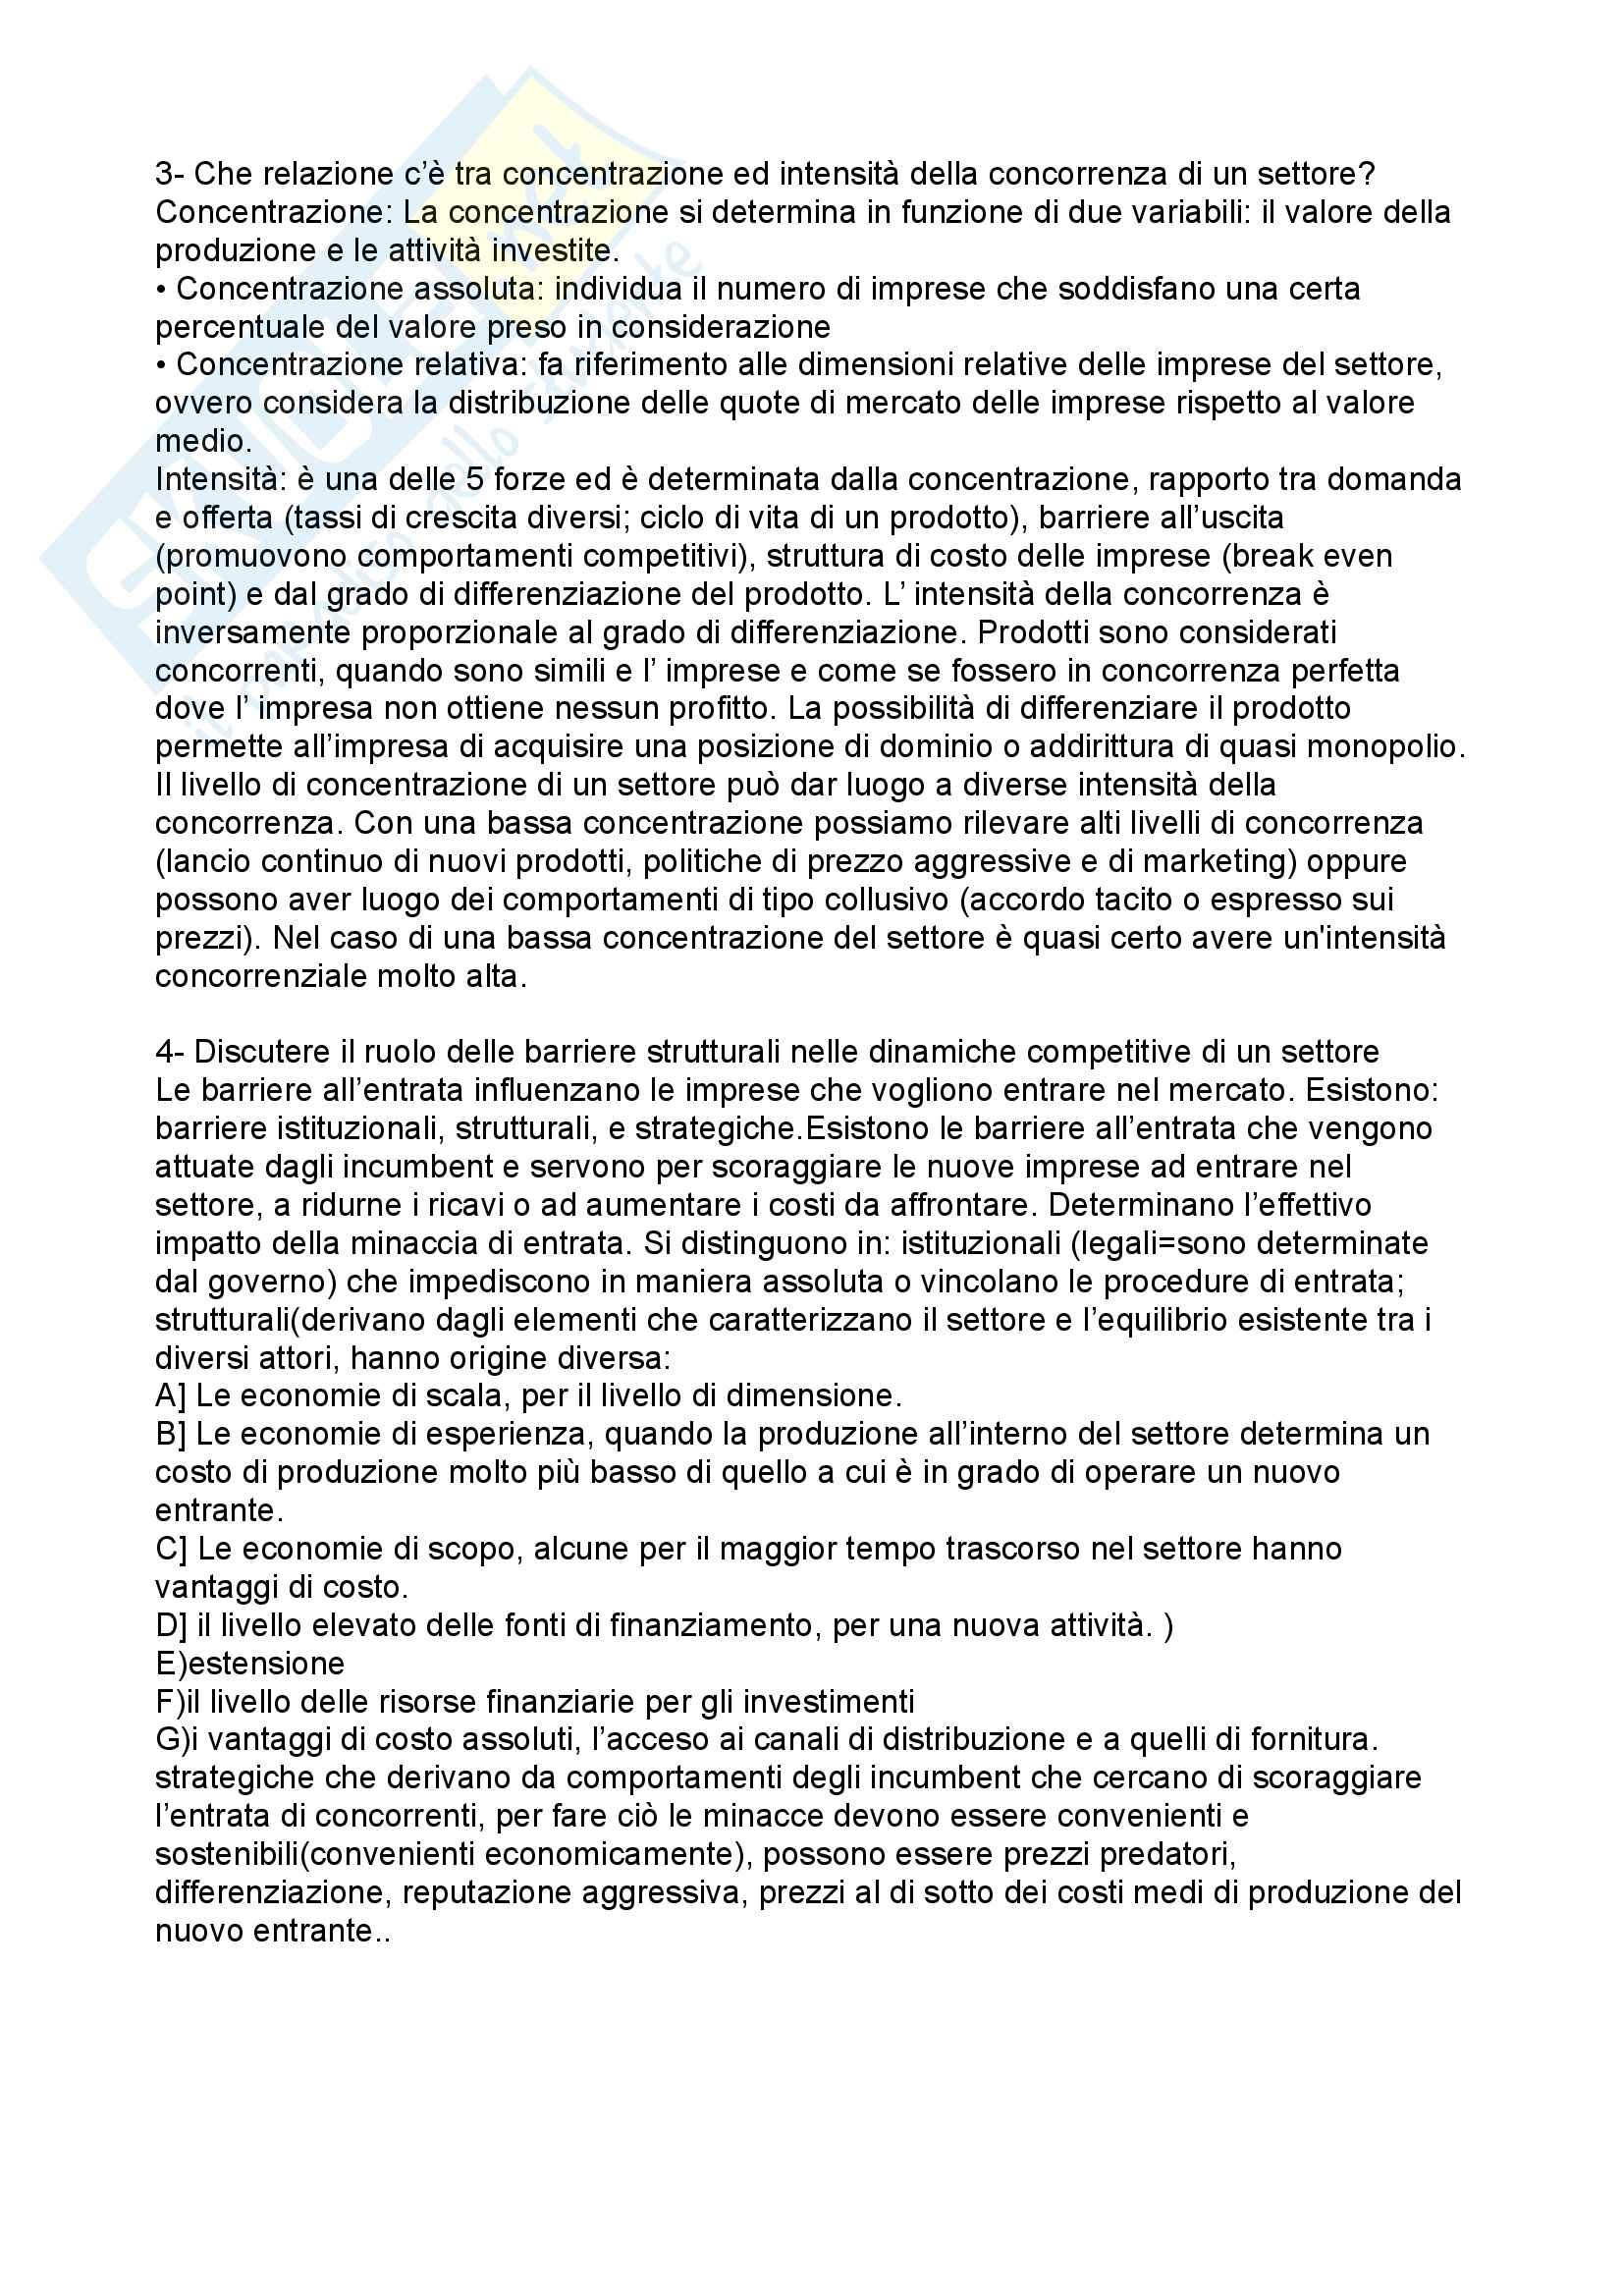 Economia e Gestione delle imprese - Domande e risposte esame Pag. 2